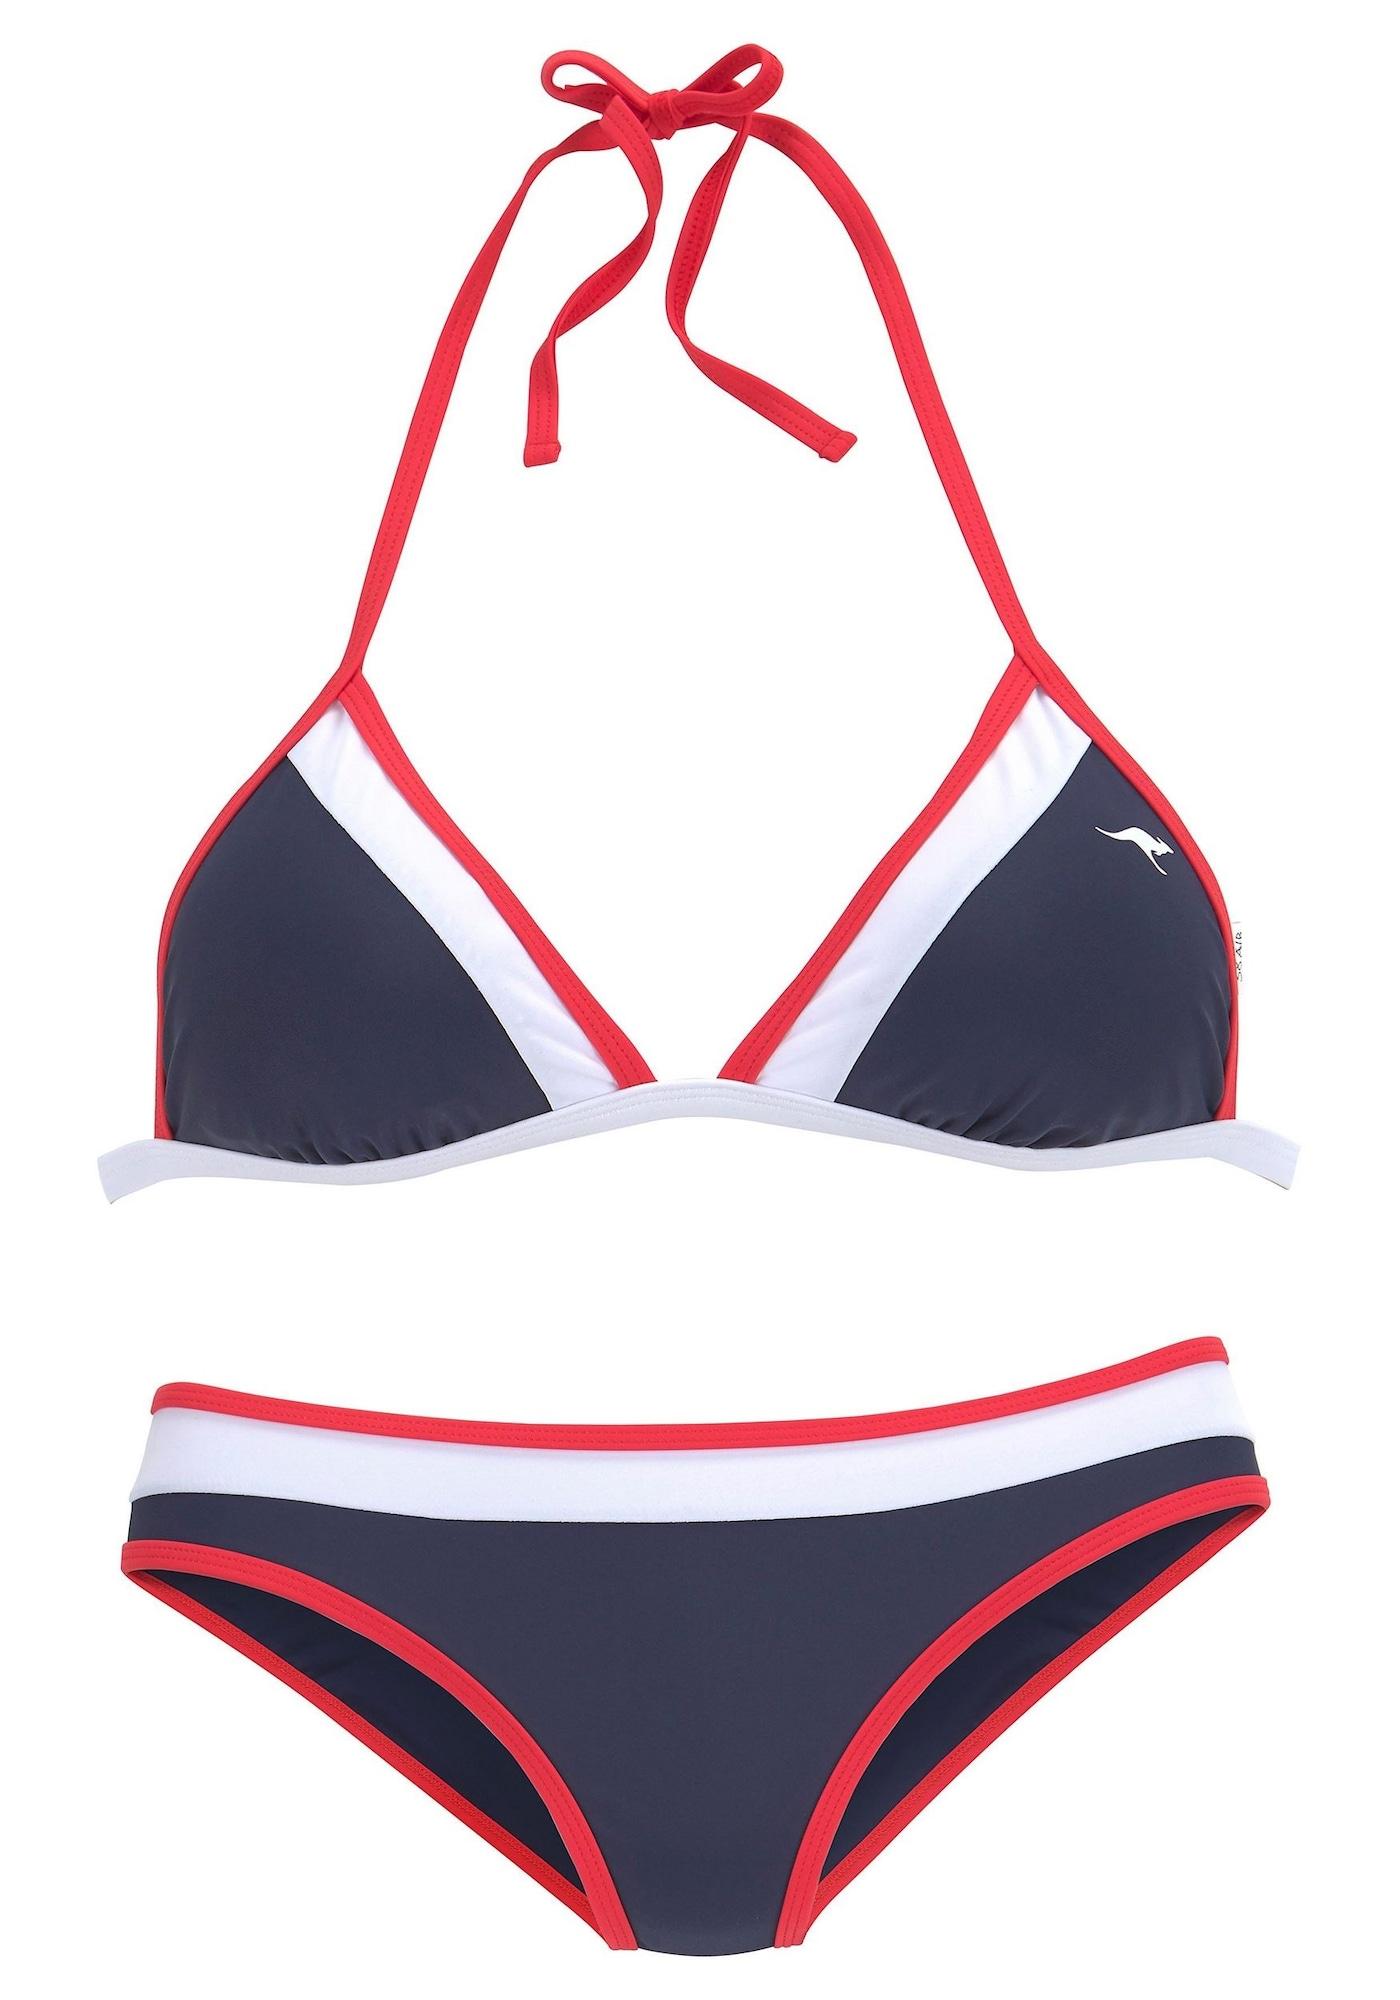 KangaROOS Bikinis tamsiai mėlyna / balta / raudona